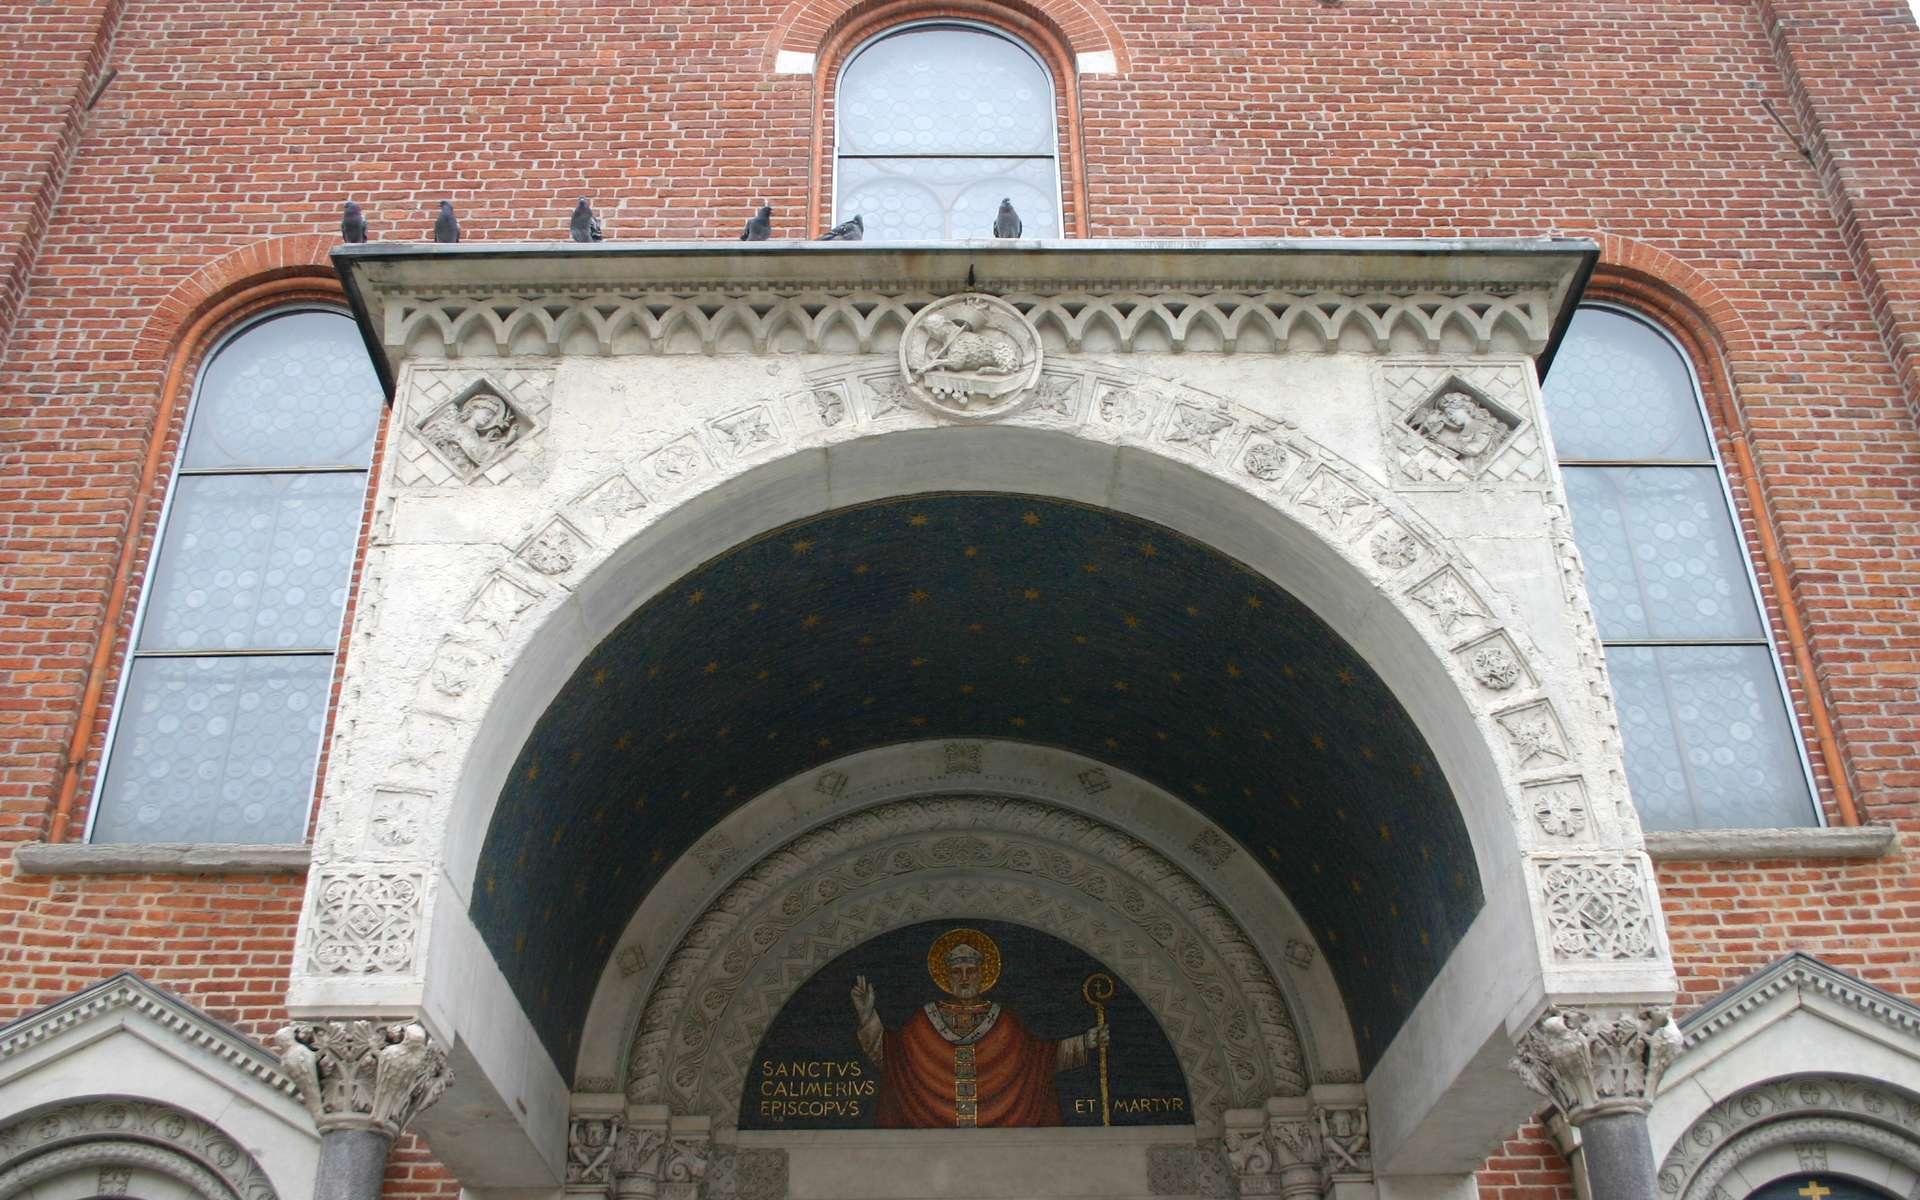 Le porche est l'avant-corps d'un édifice. Ici le porche de l'église Saint Calimero à Milan. © G.Dallorto, CC BY SA 3.0, Wikipedia Commons